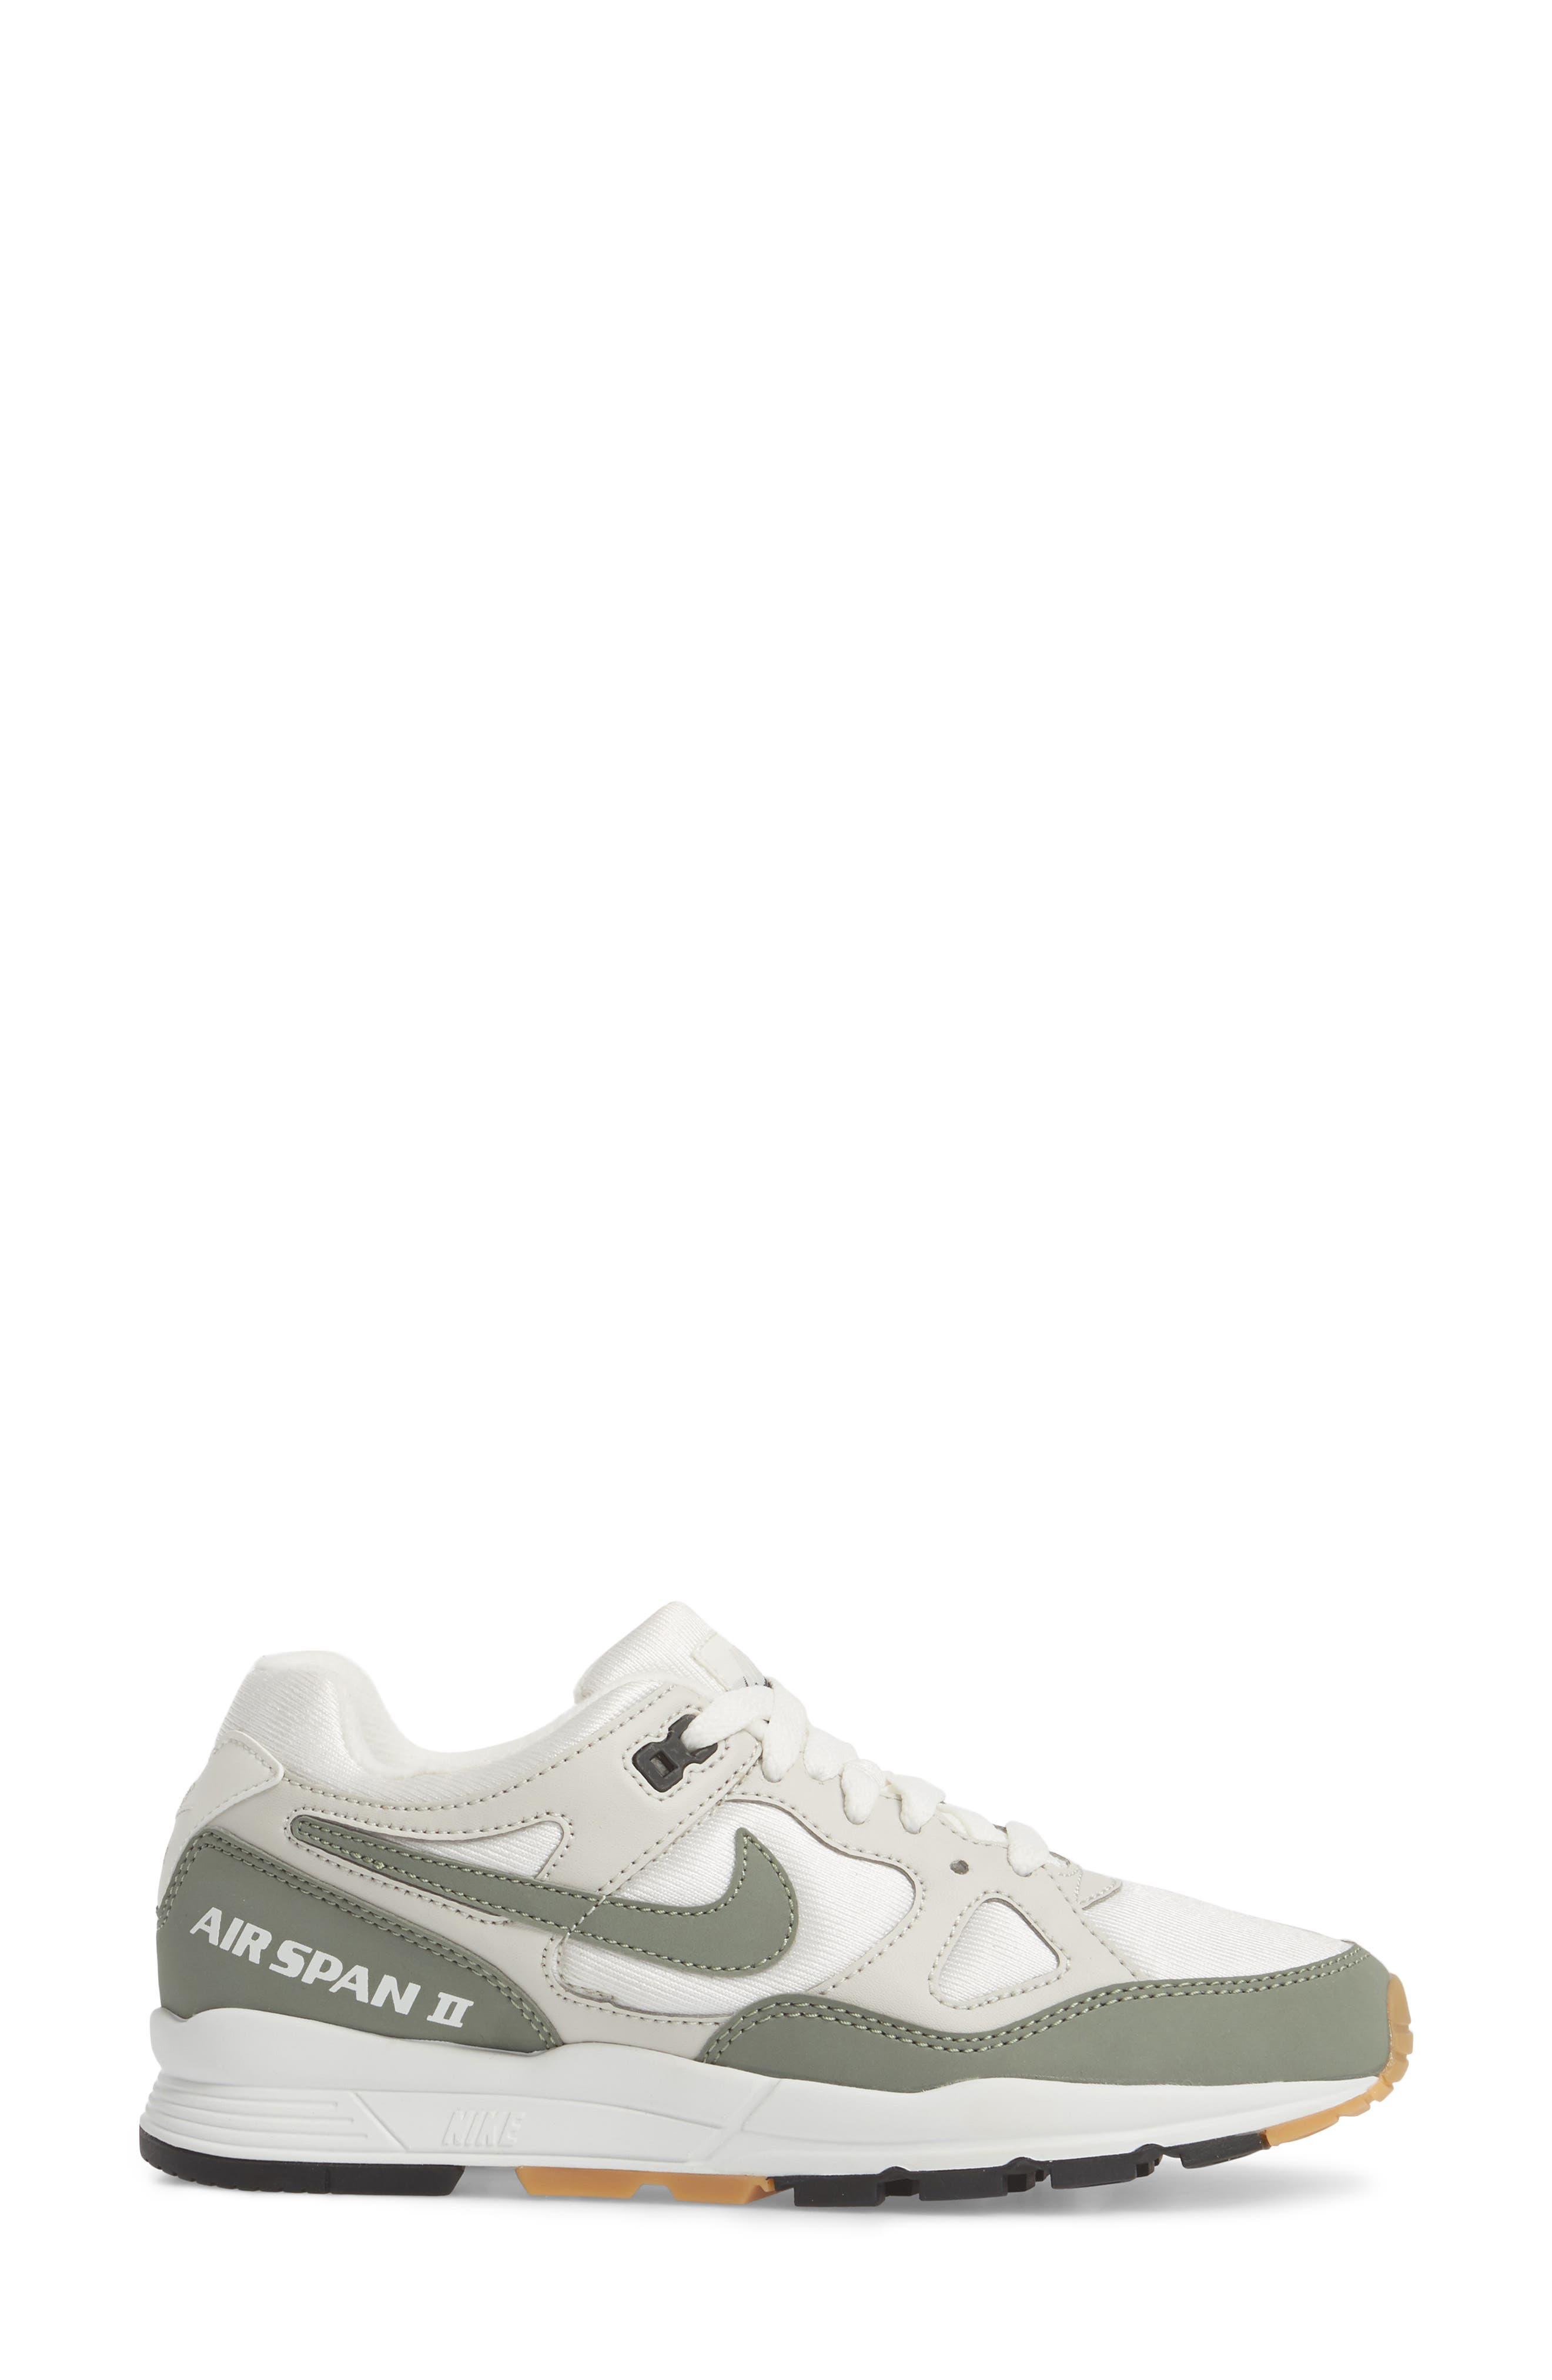 NIKE,                             Air Span II Sneaker,                             Alternate thumbnail 3, color,                             020